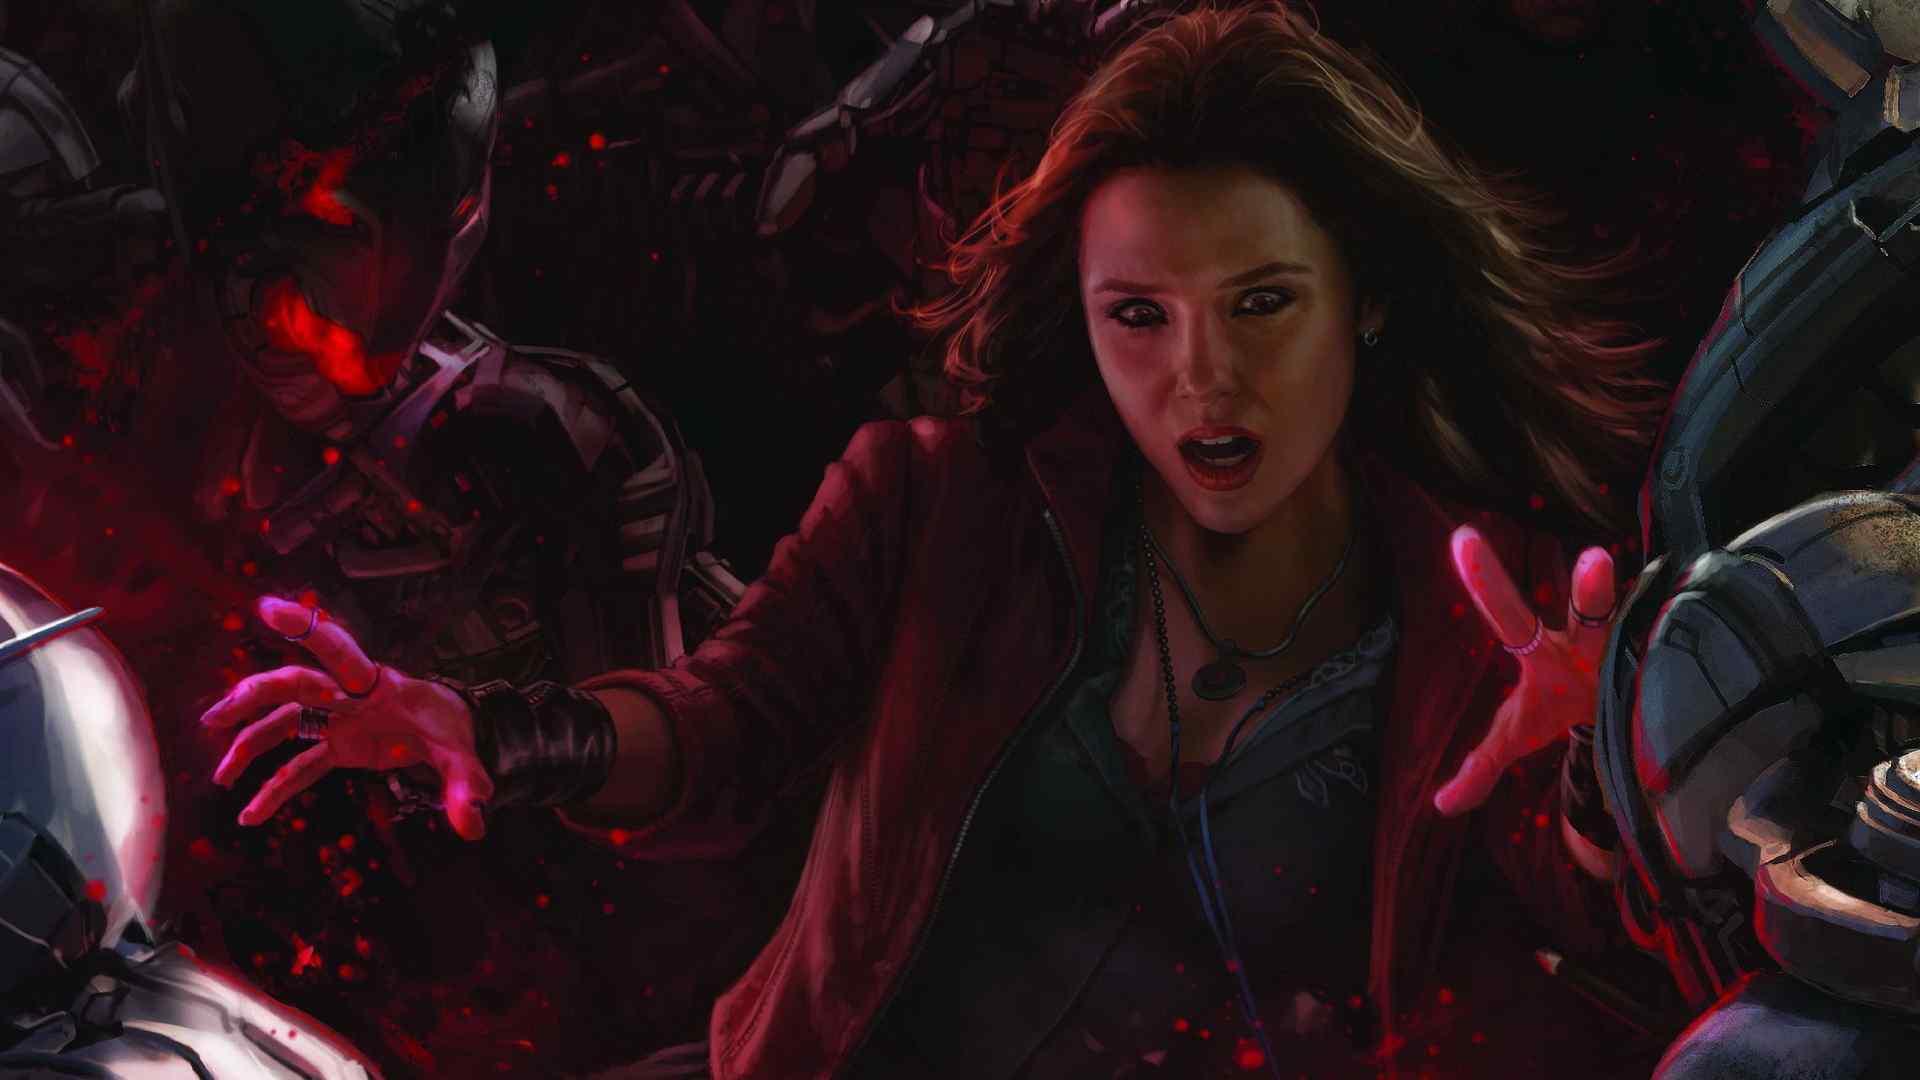 复仇者联盟绯红女巫壁纸